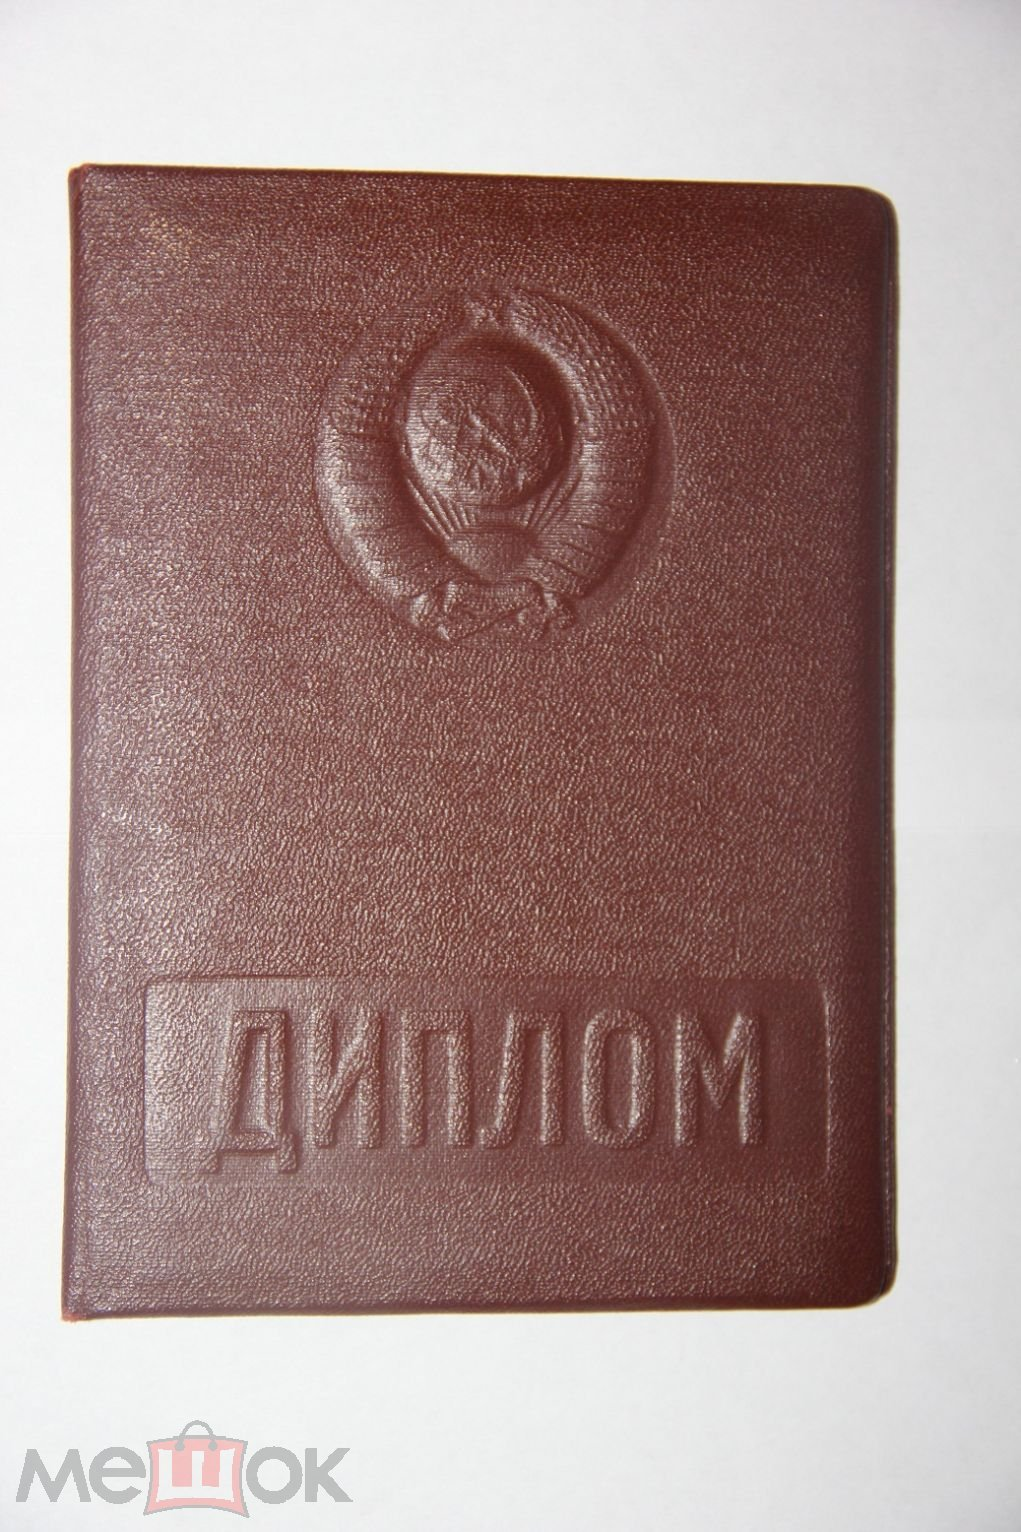 Диплом с отличием Институт им Дзержинского КГБ СССР печать  Все фото на одной странице